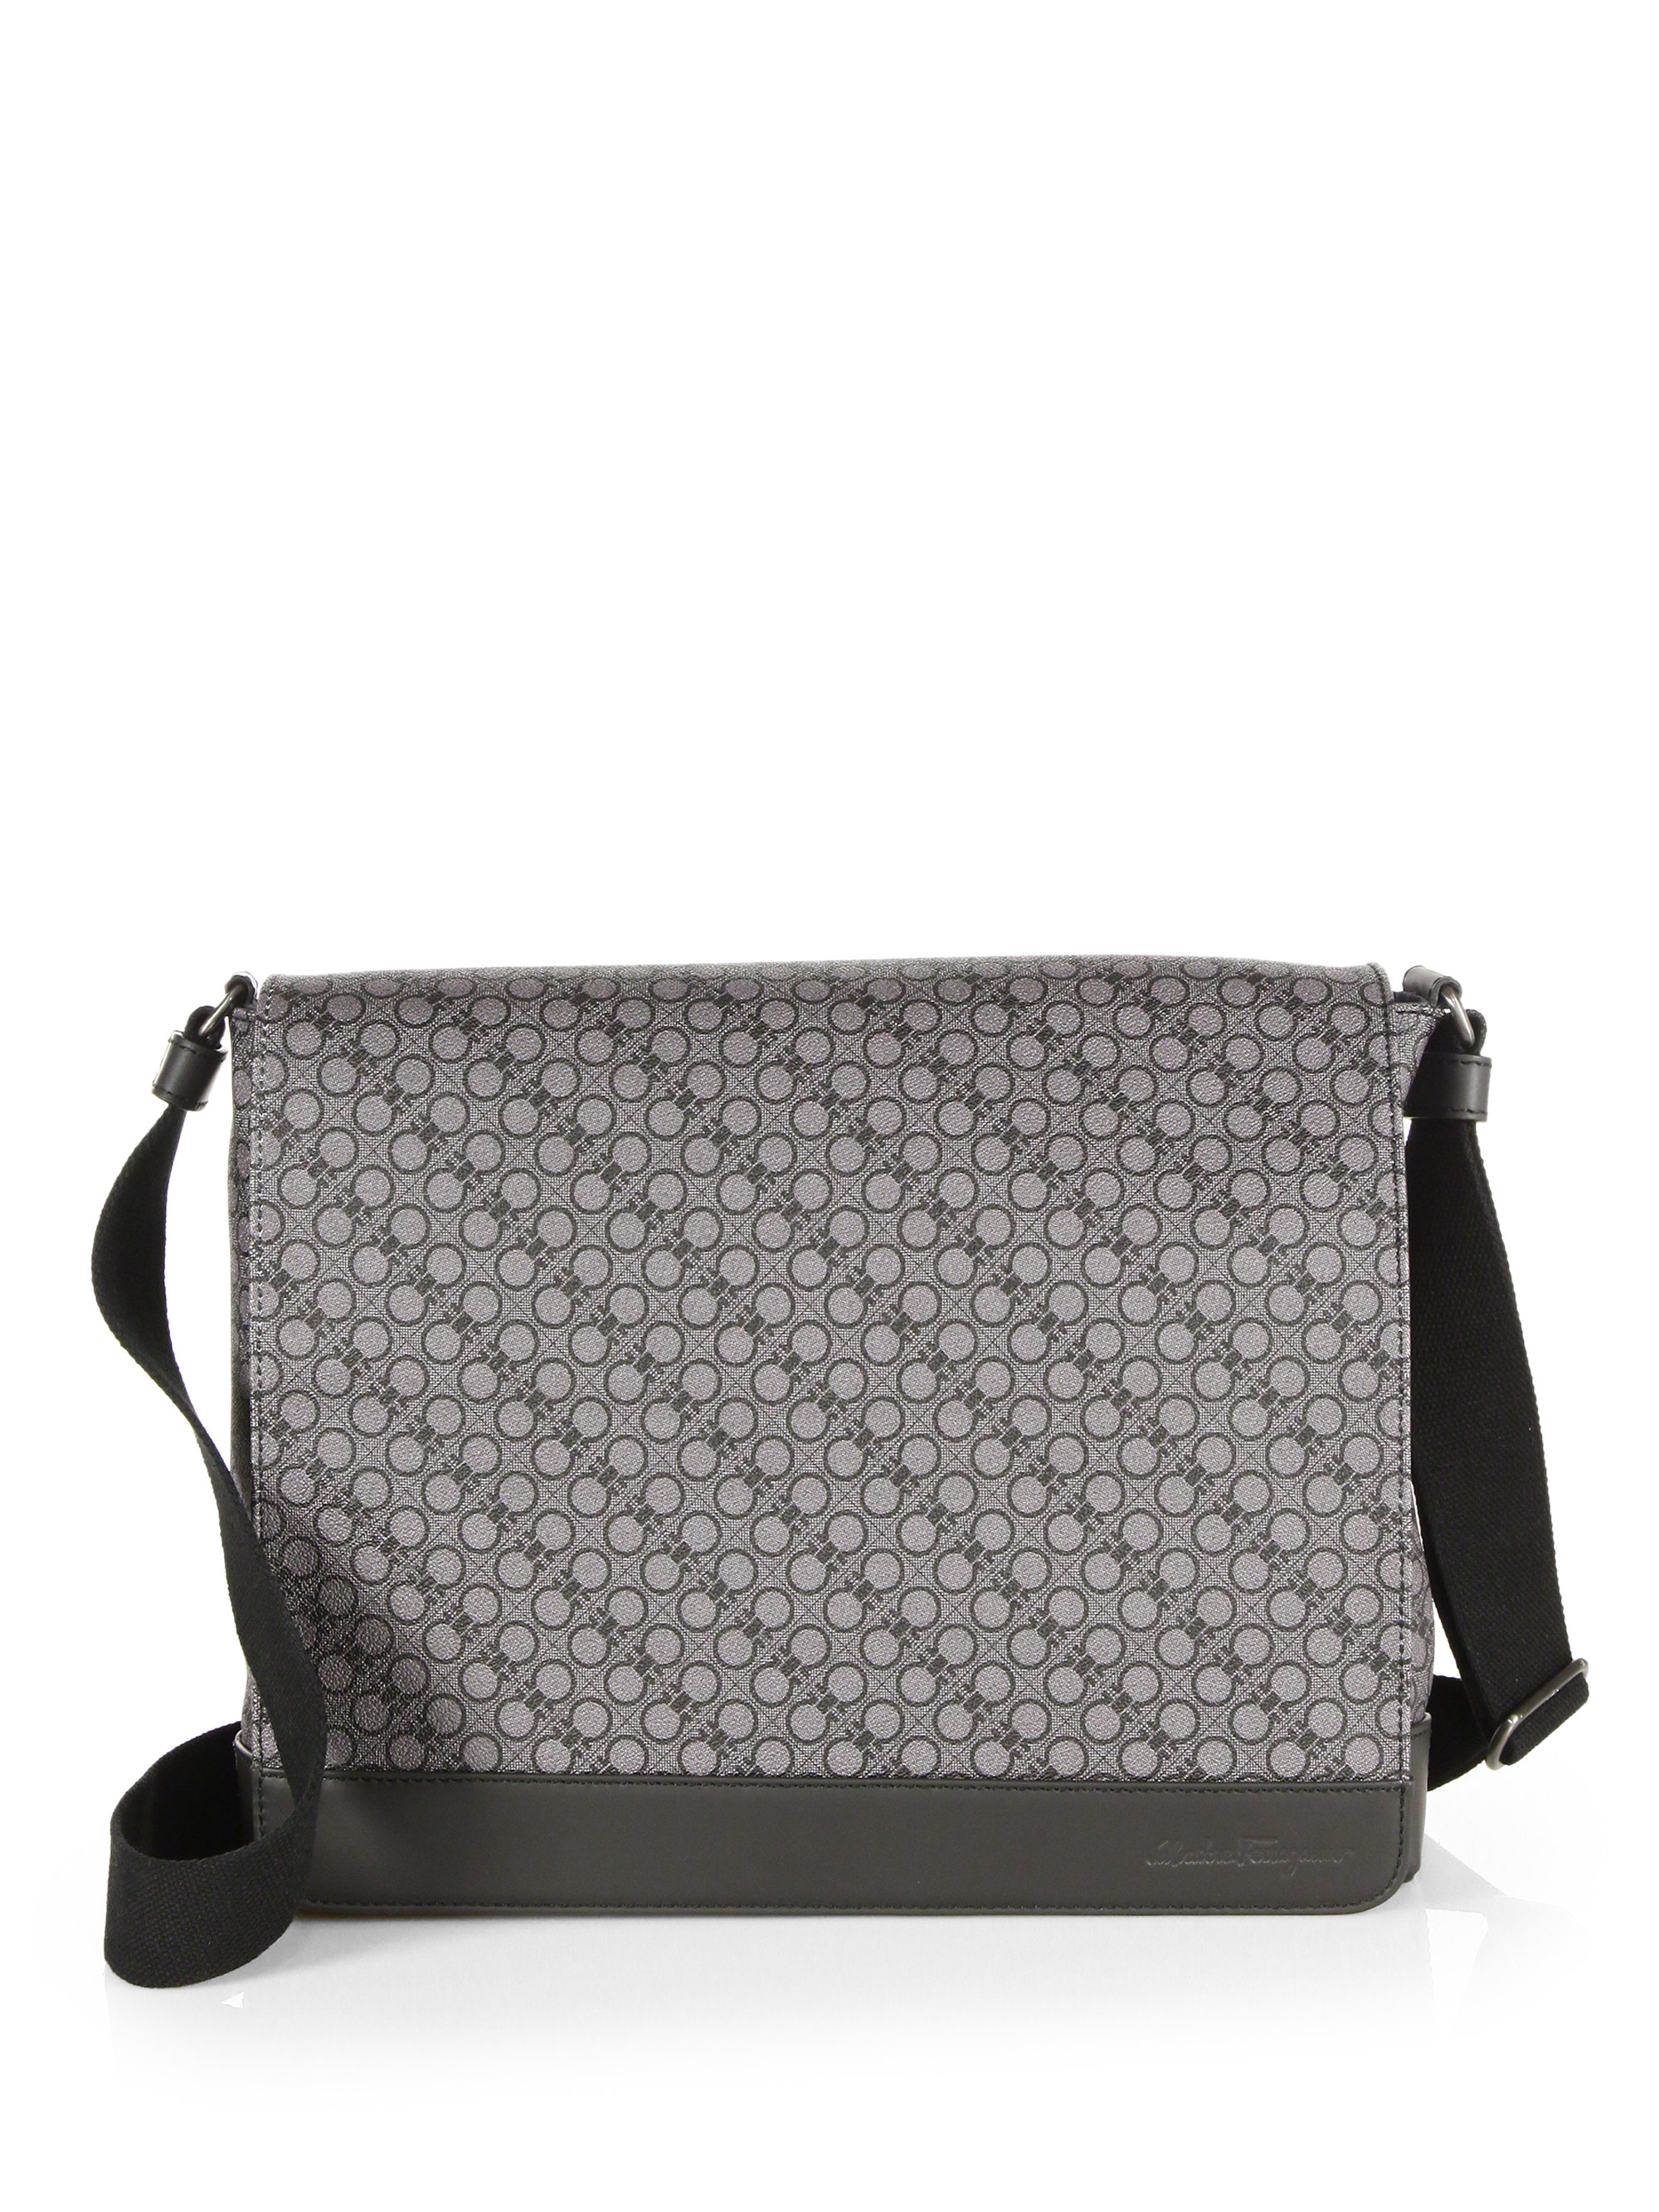 Lyst - Ferragamo Gancio Tex Messenger Bag in Gray for Men 0c1b9ef23d6ab